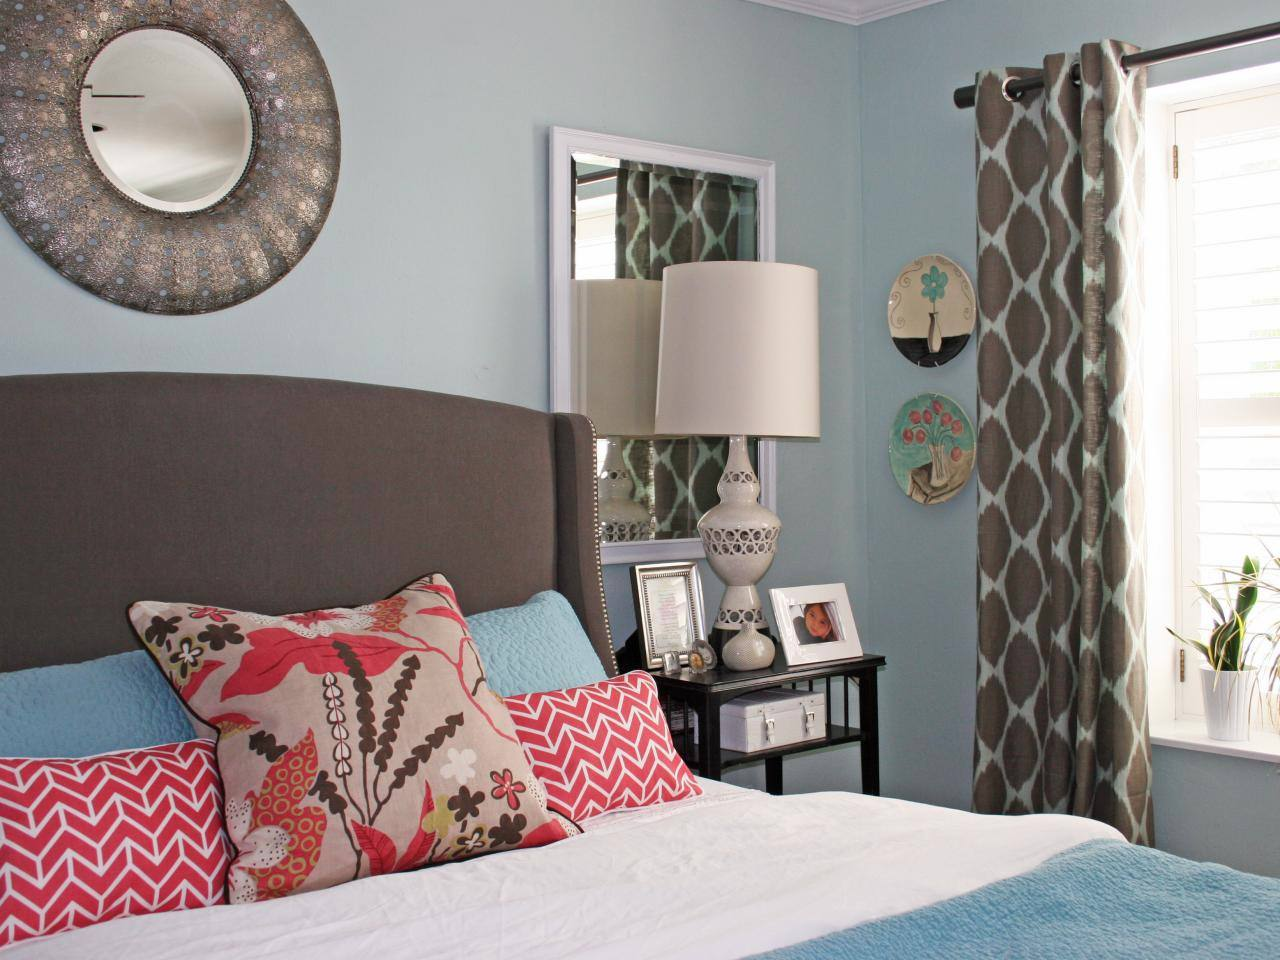 Habitación azul claro, cortinas marrones y almohadas rojas .